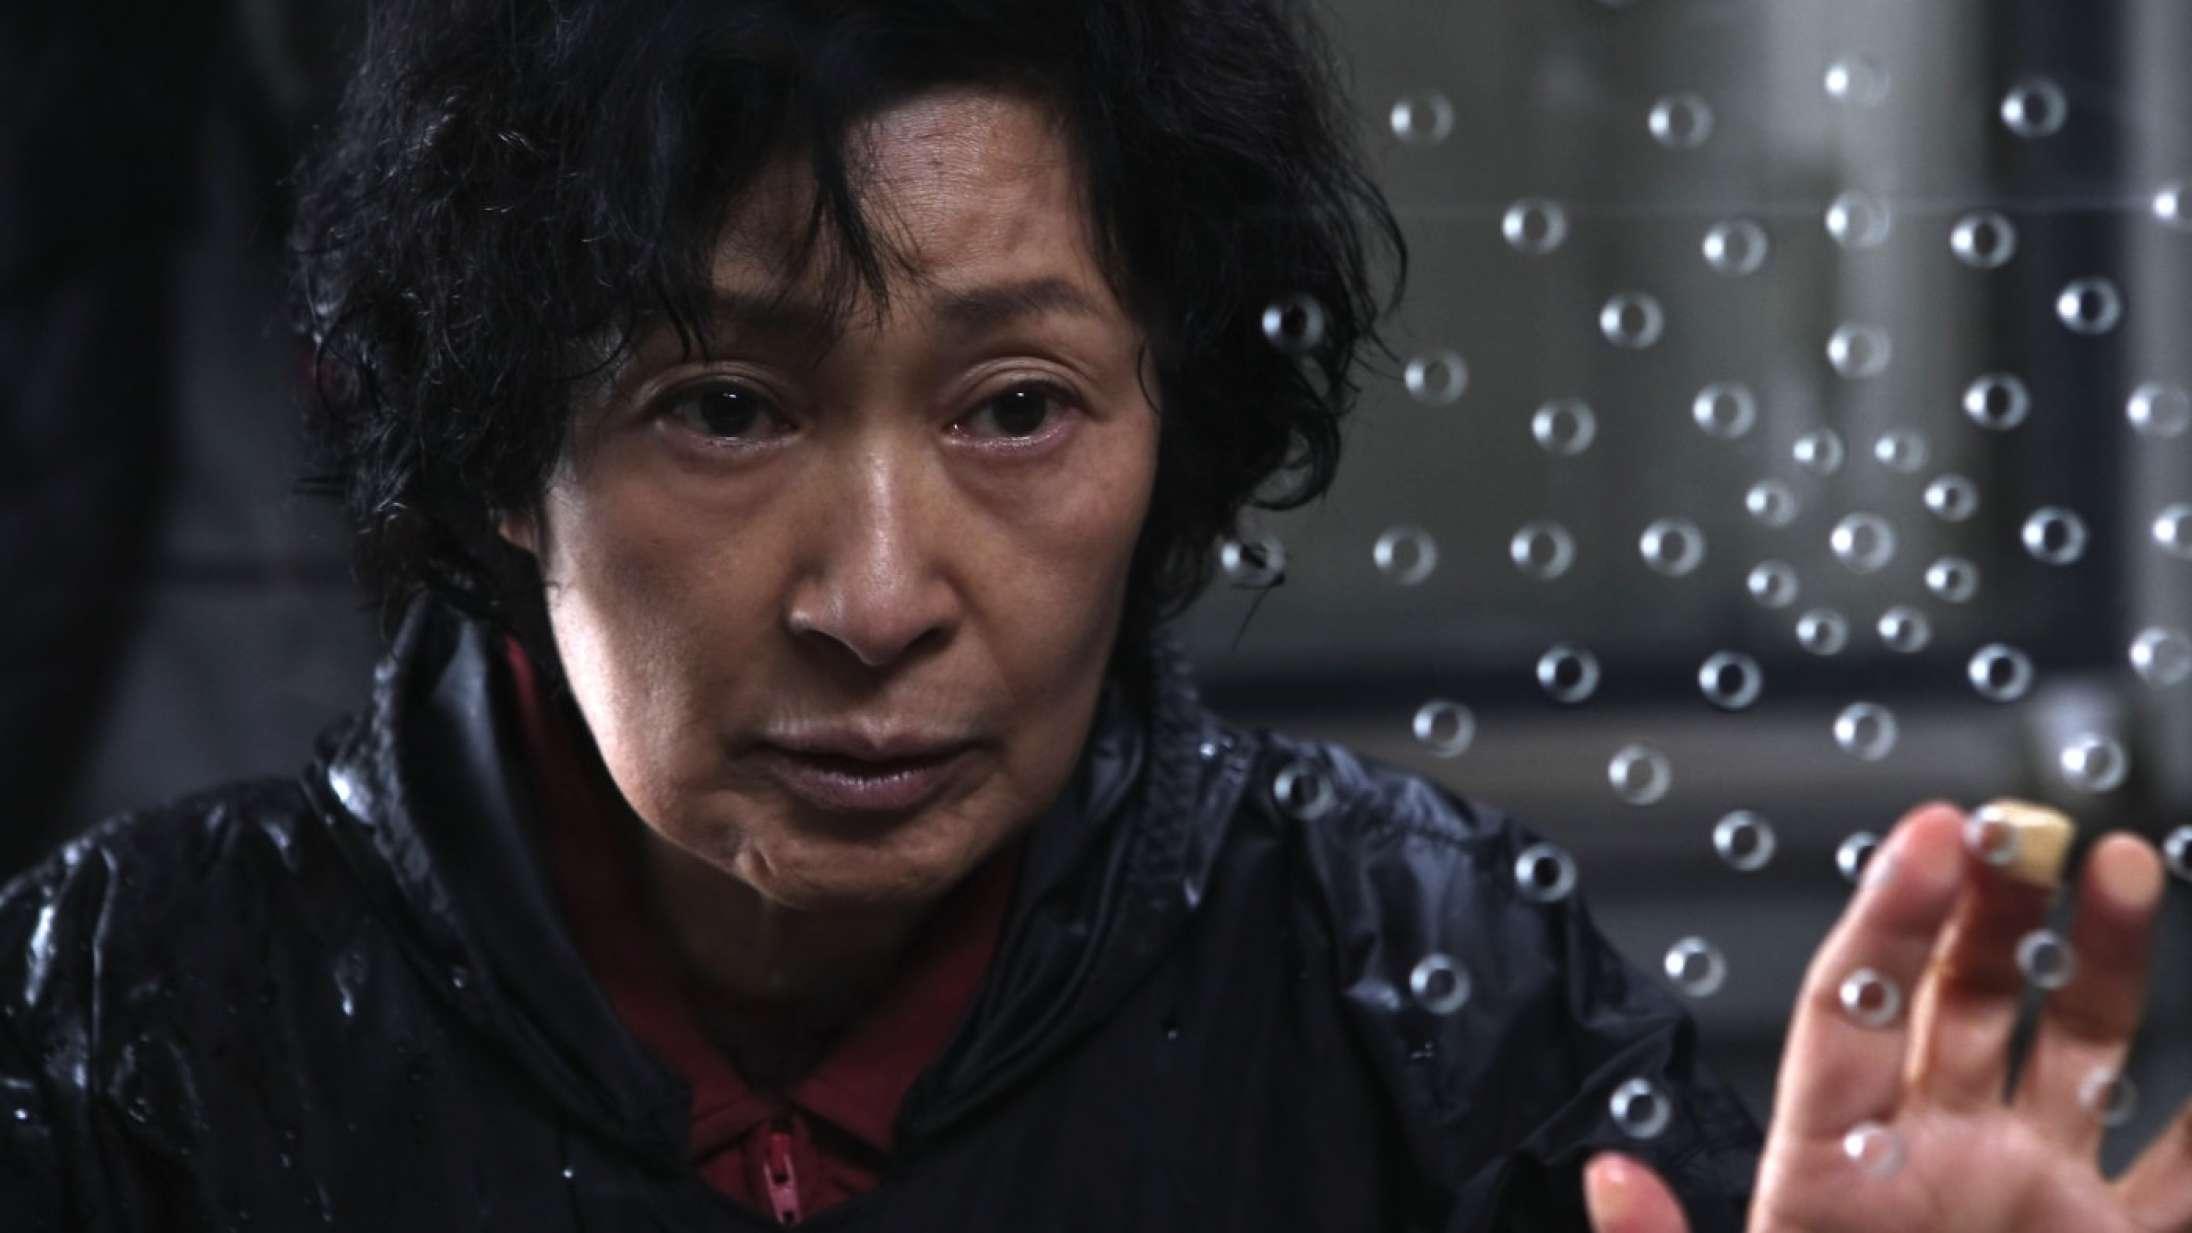 'Mother': Endnu en chokerende og dybt original Bong Joon-ho-film kan ses i biografen med års forsinkelse